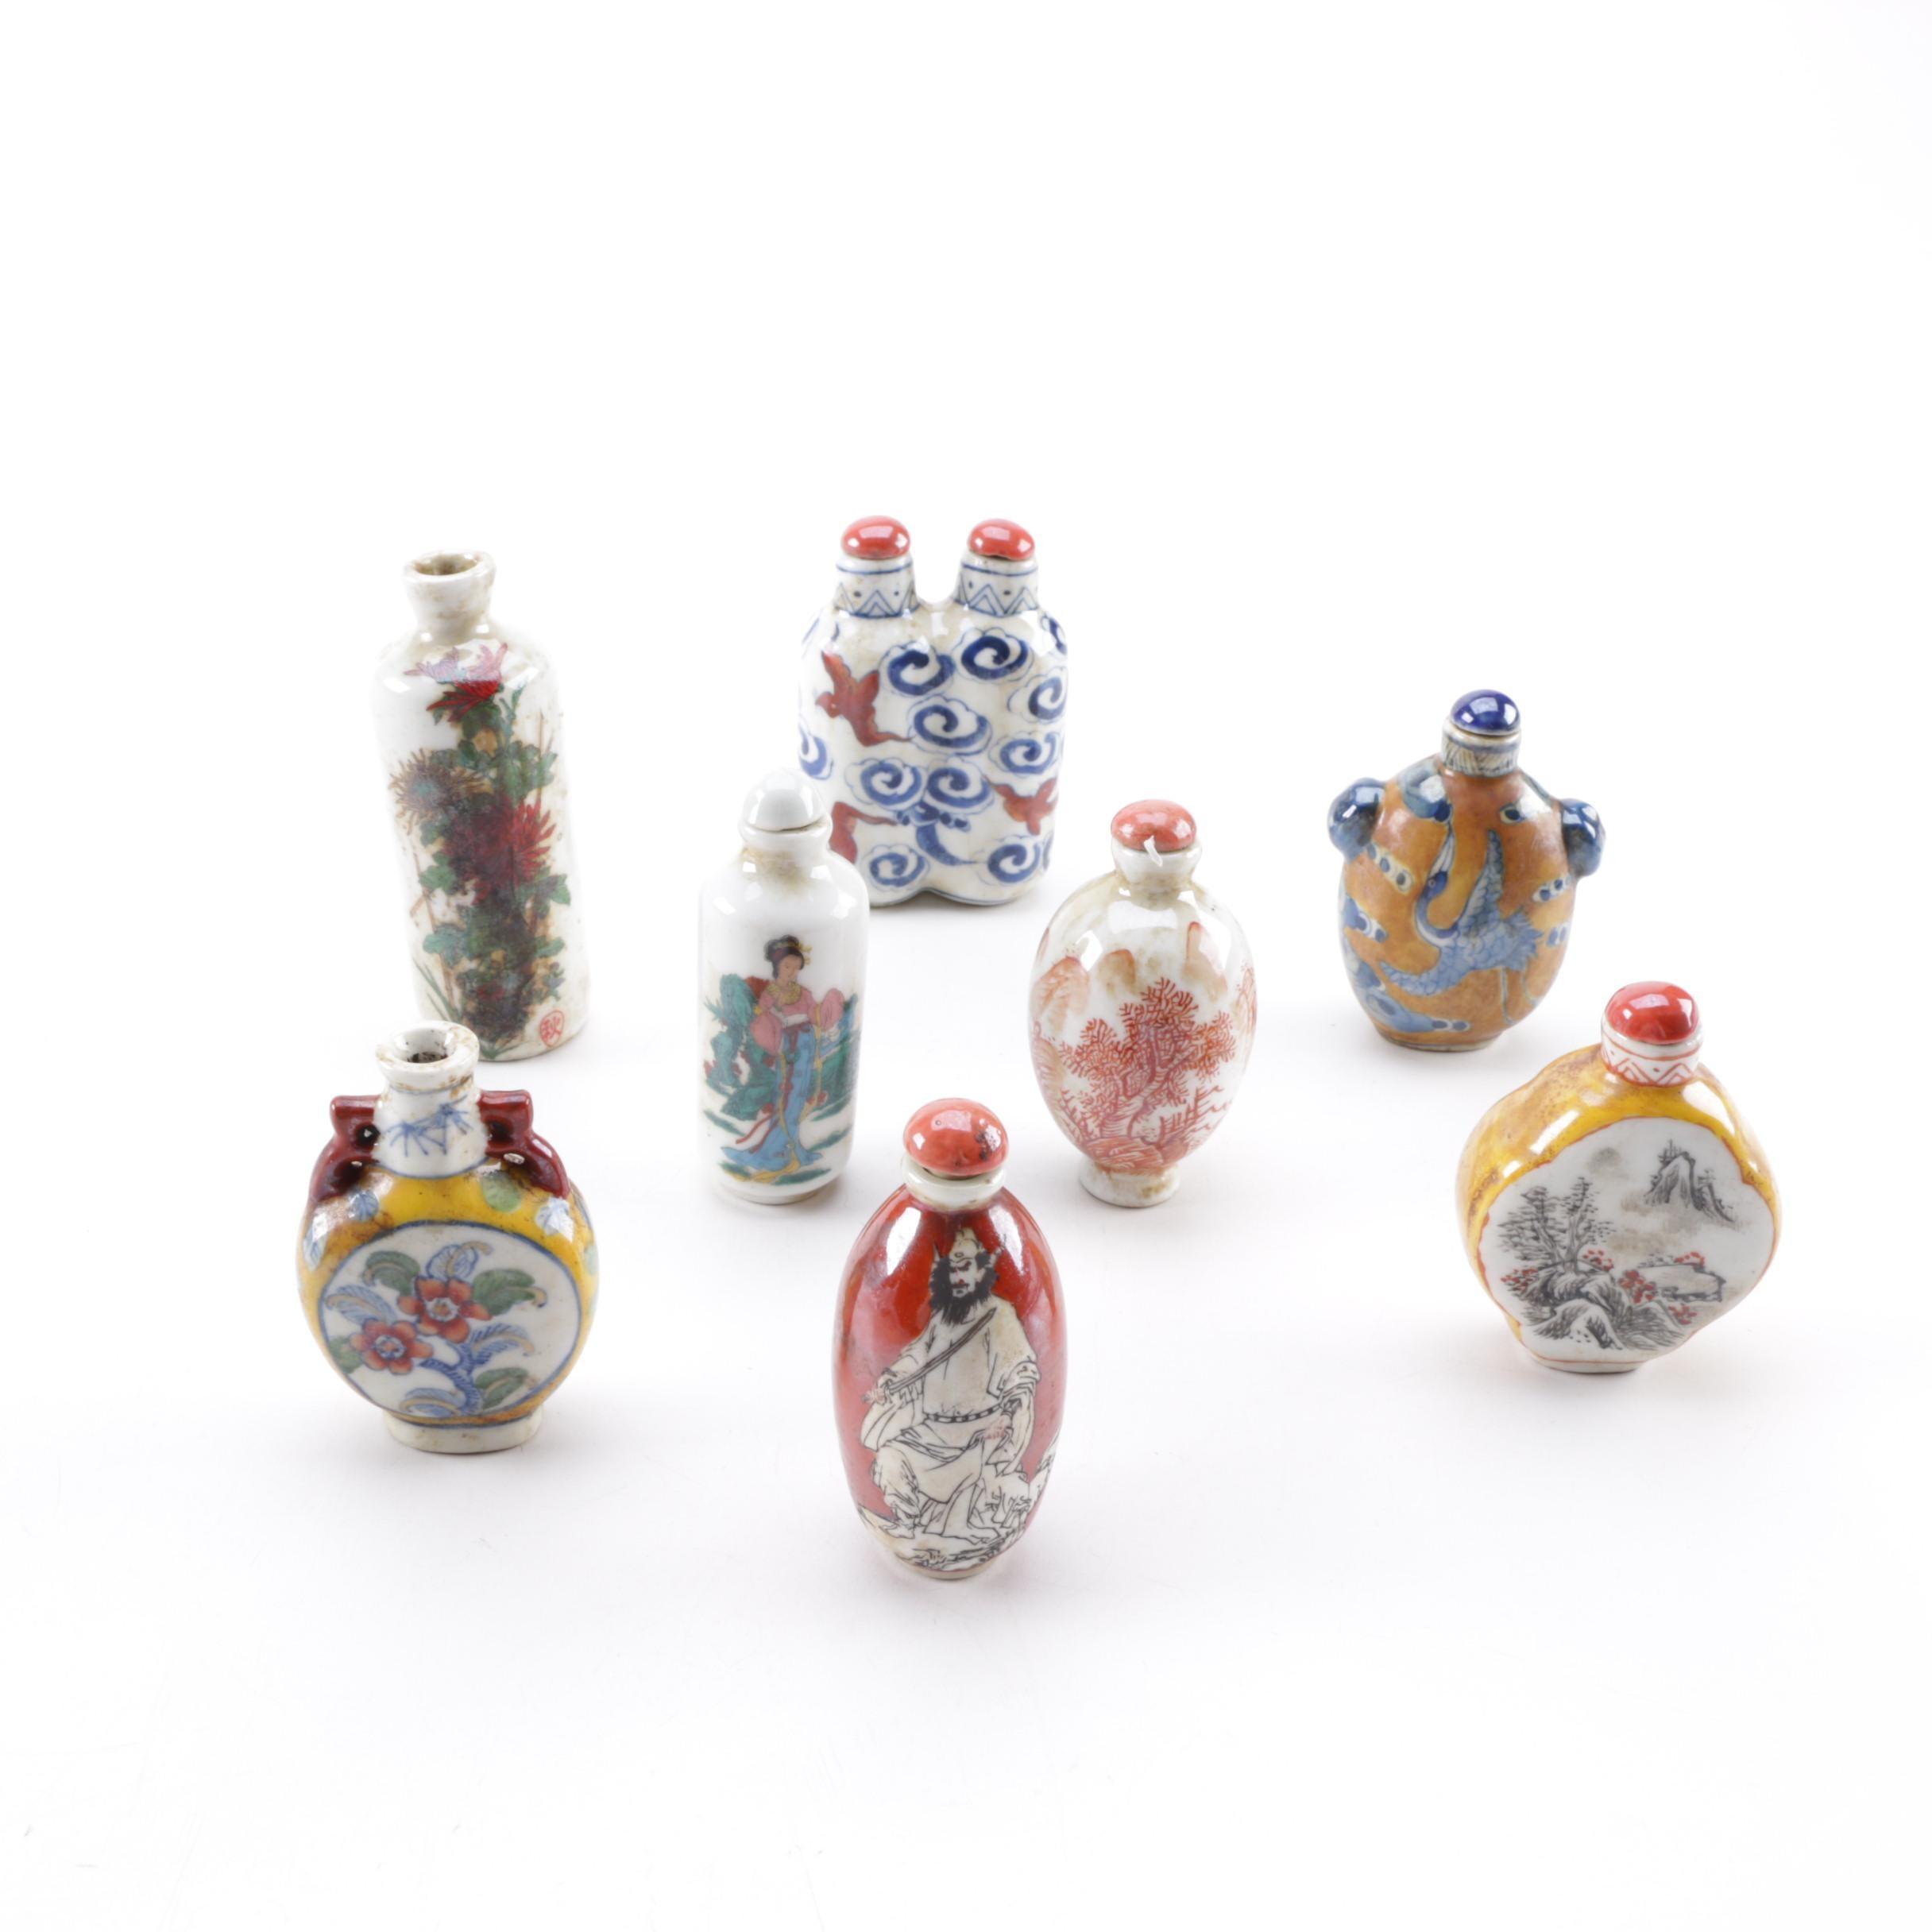 Vintage Chinese Porcelain Snuff Bottles